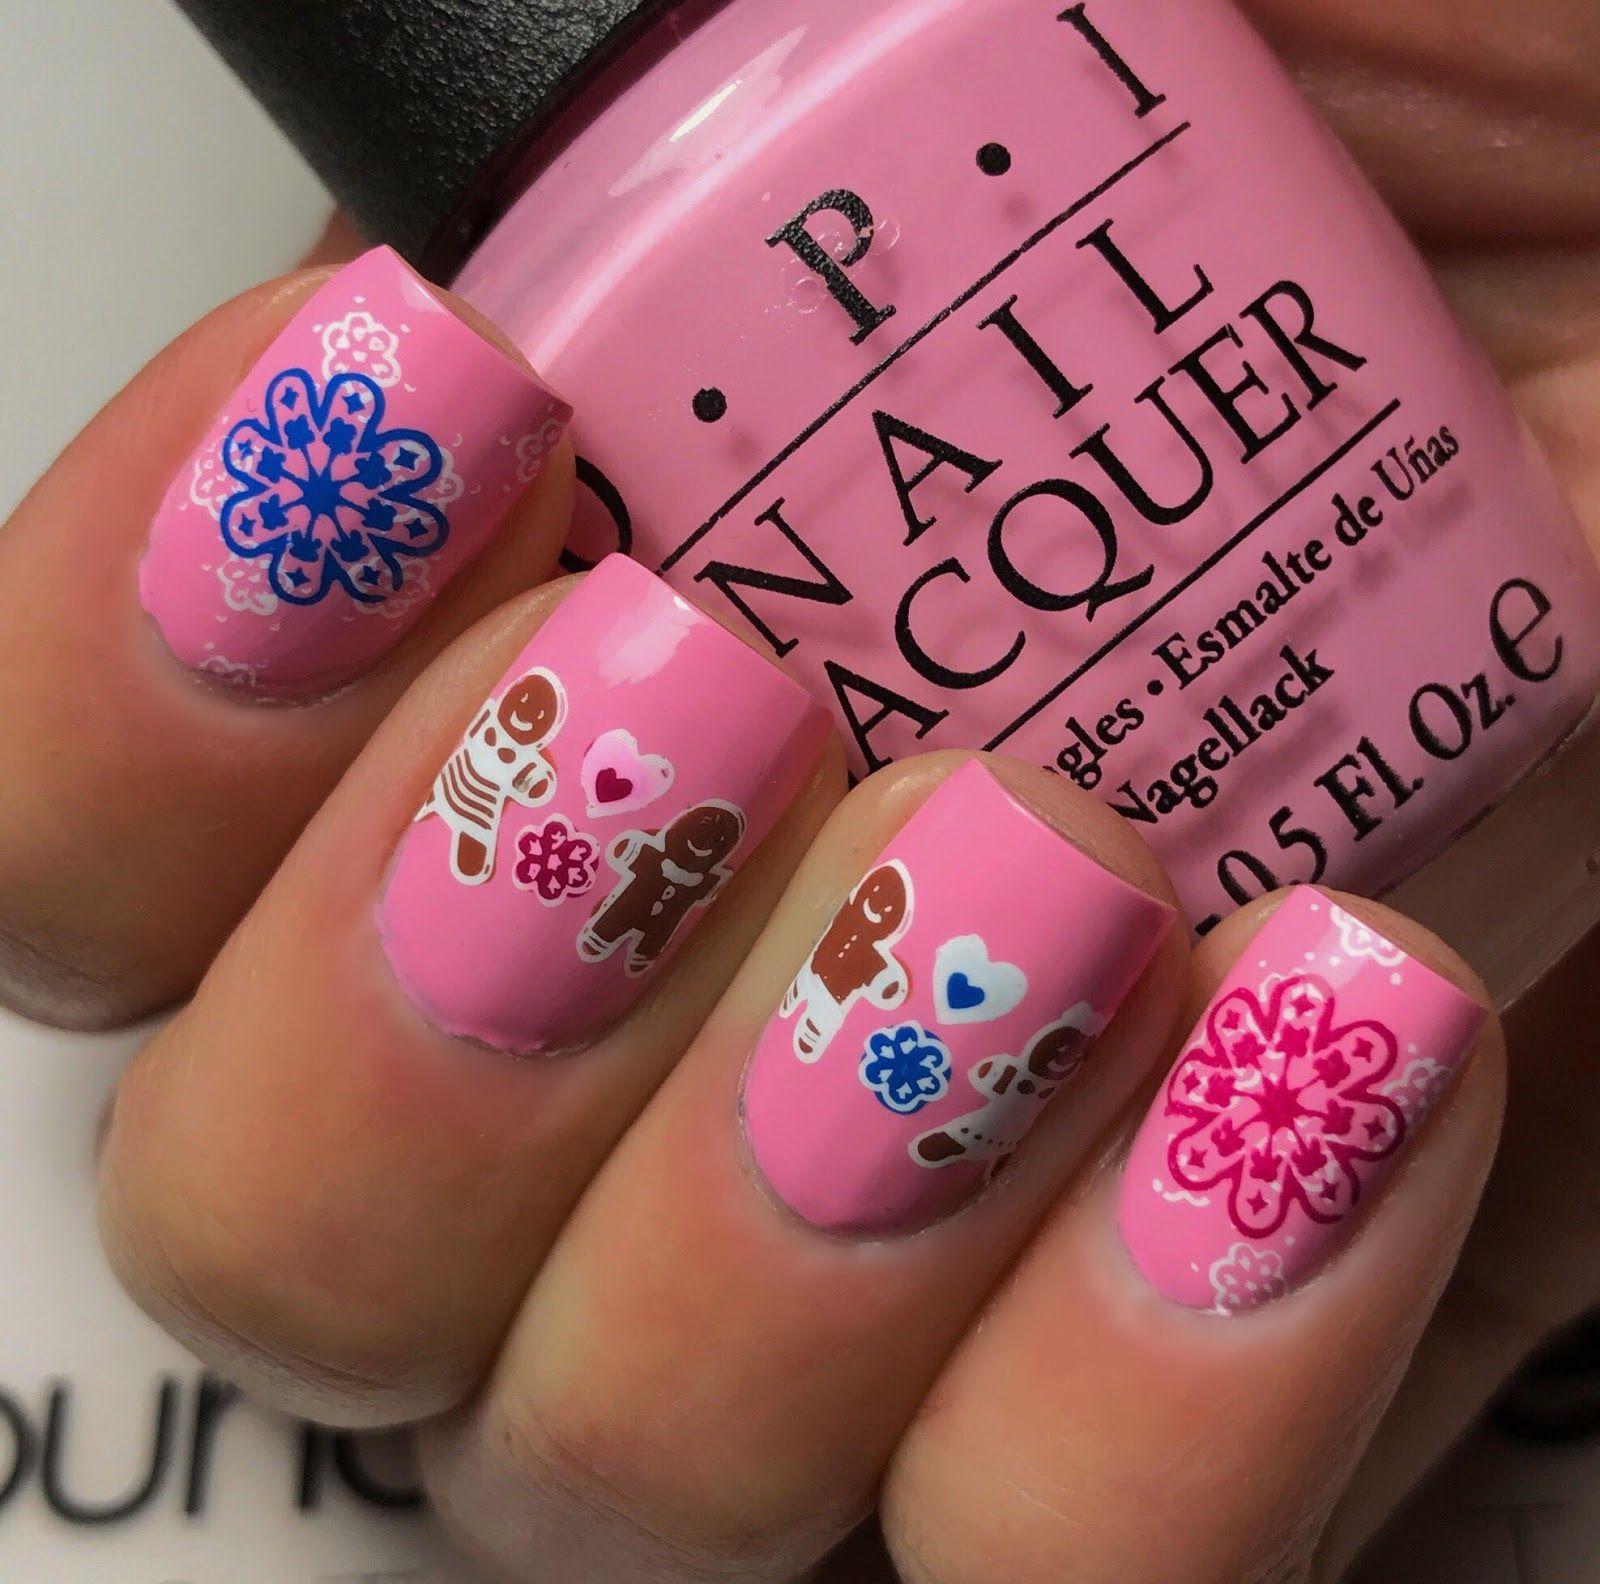 Gingerbread man and woman nail art | nails | Pinterest | Gingerbread ...